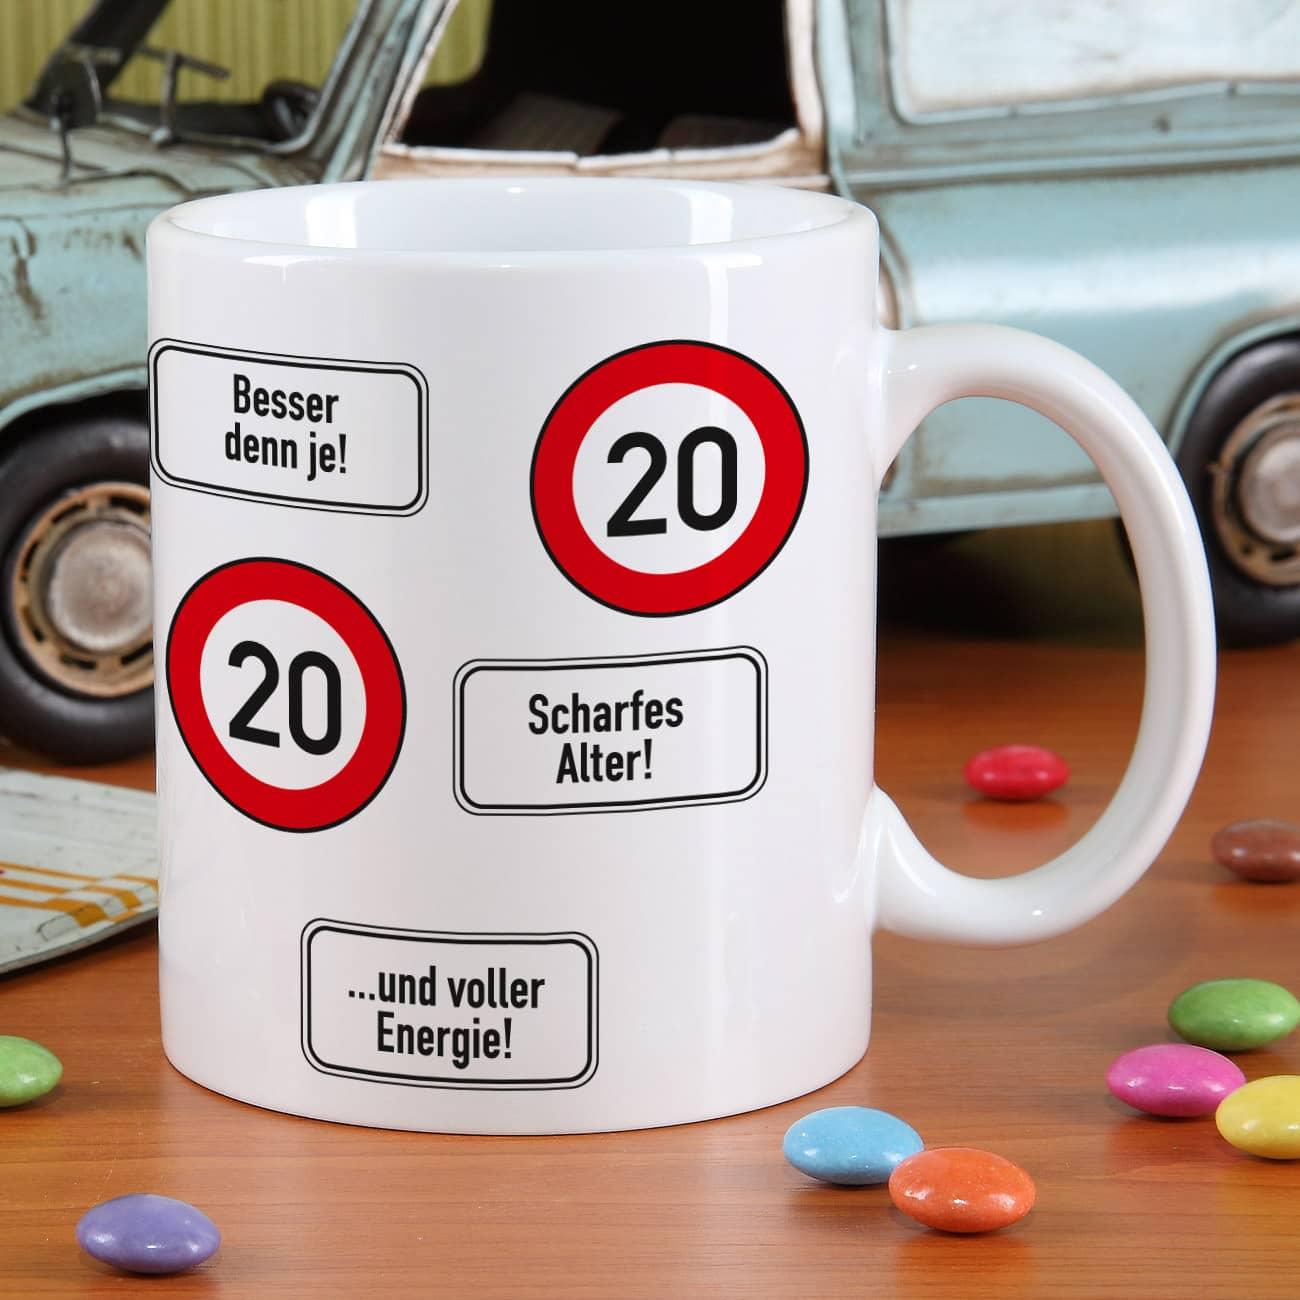 Große Kaffeetasse Zum 20 Geburtstag Mit Verkehrszeichen 20